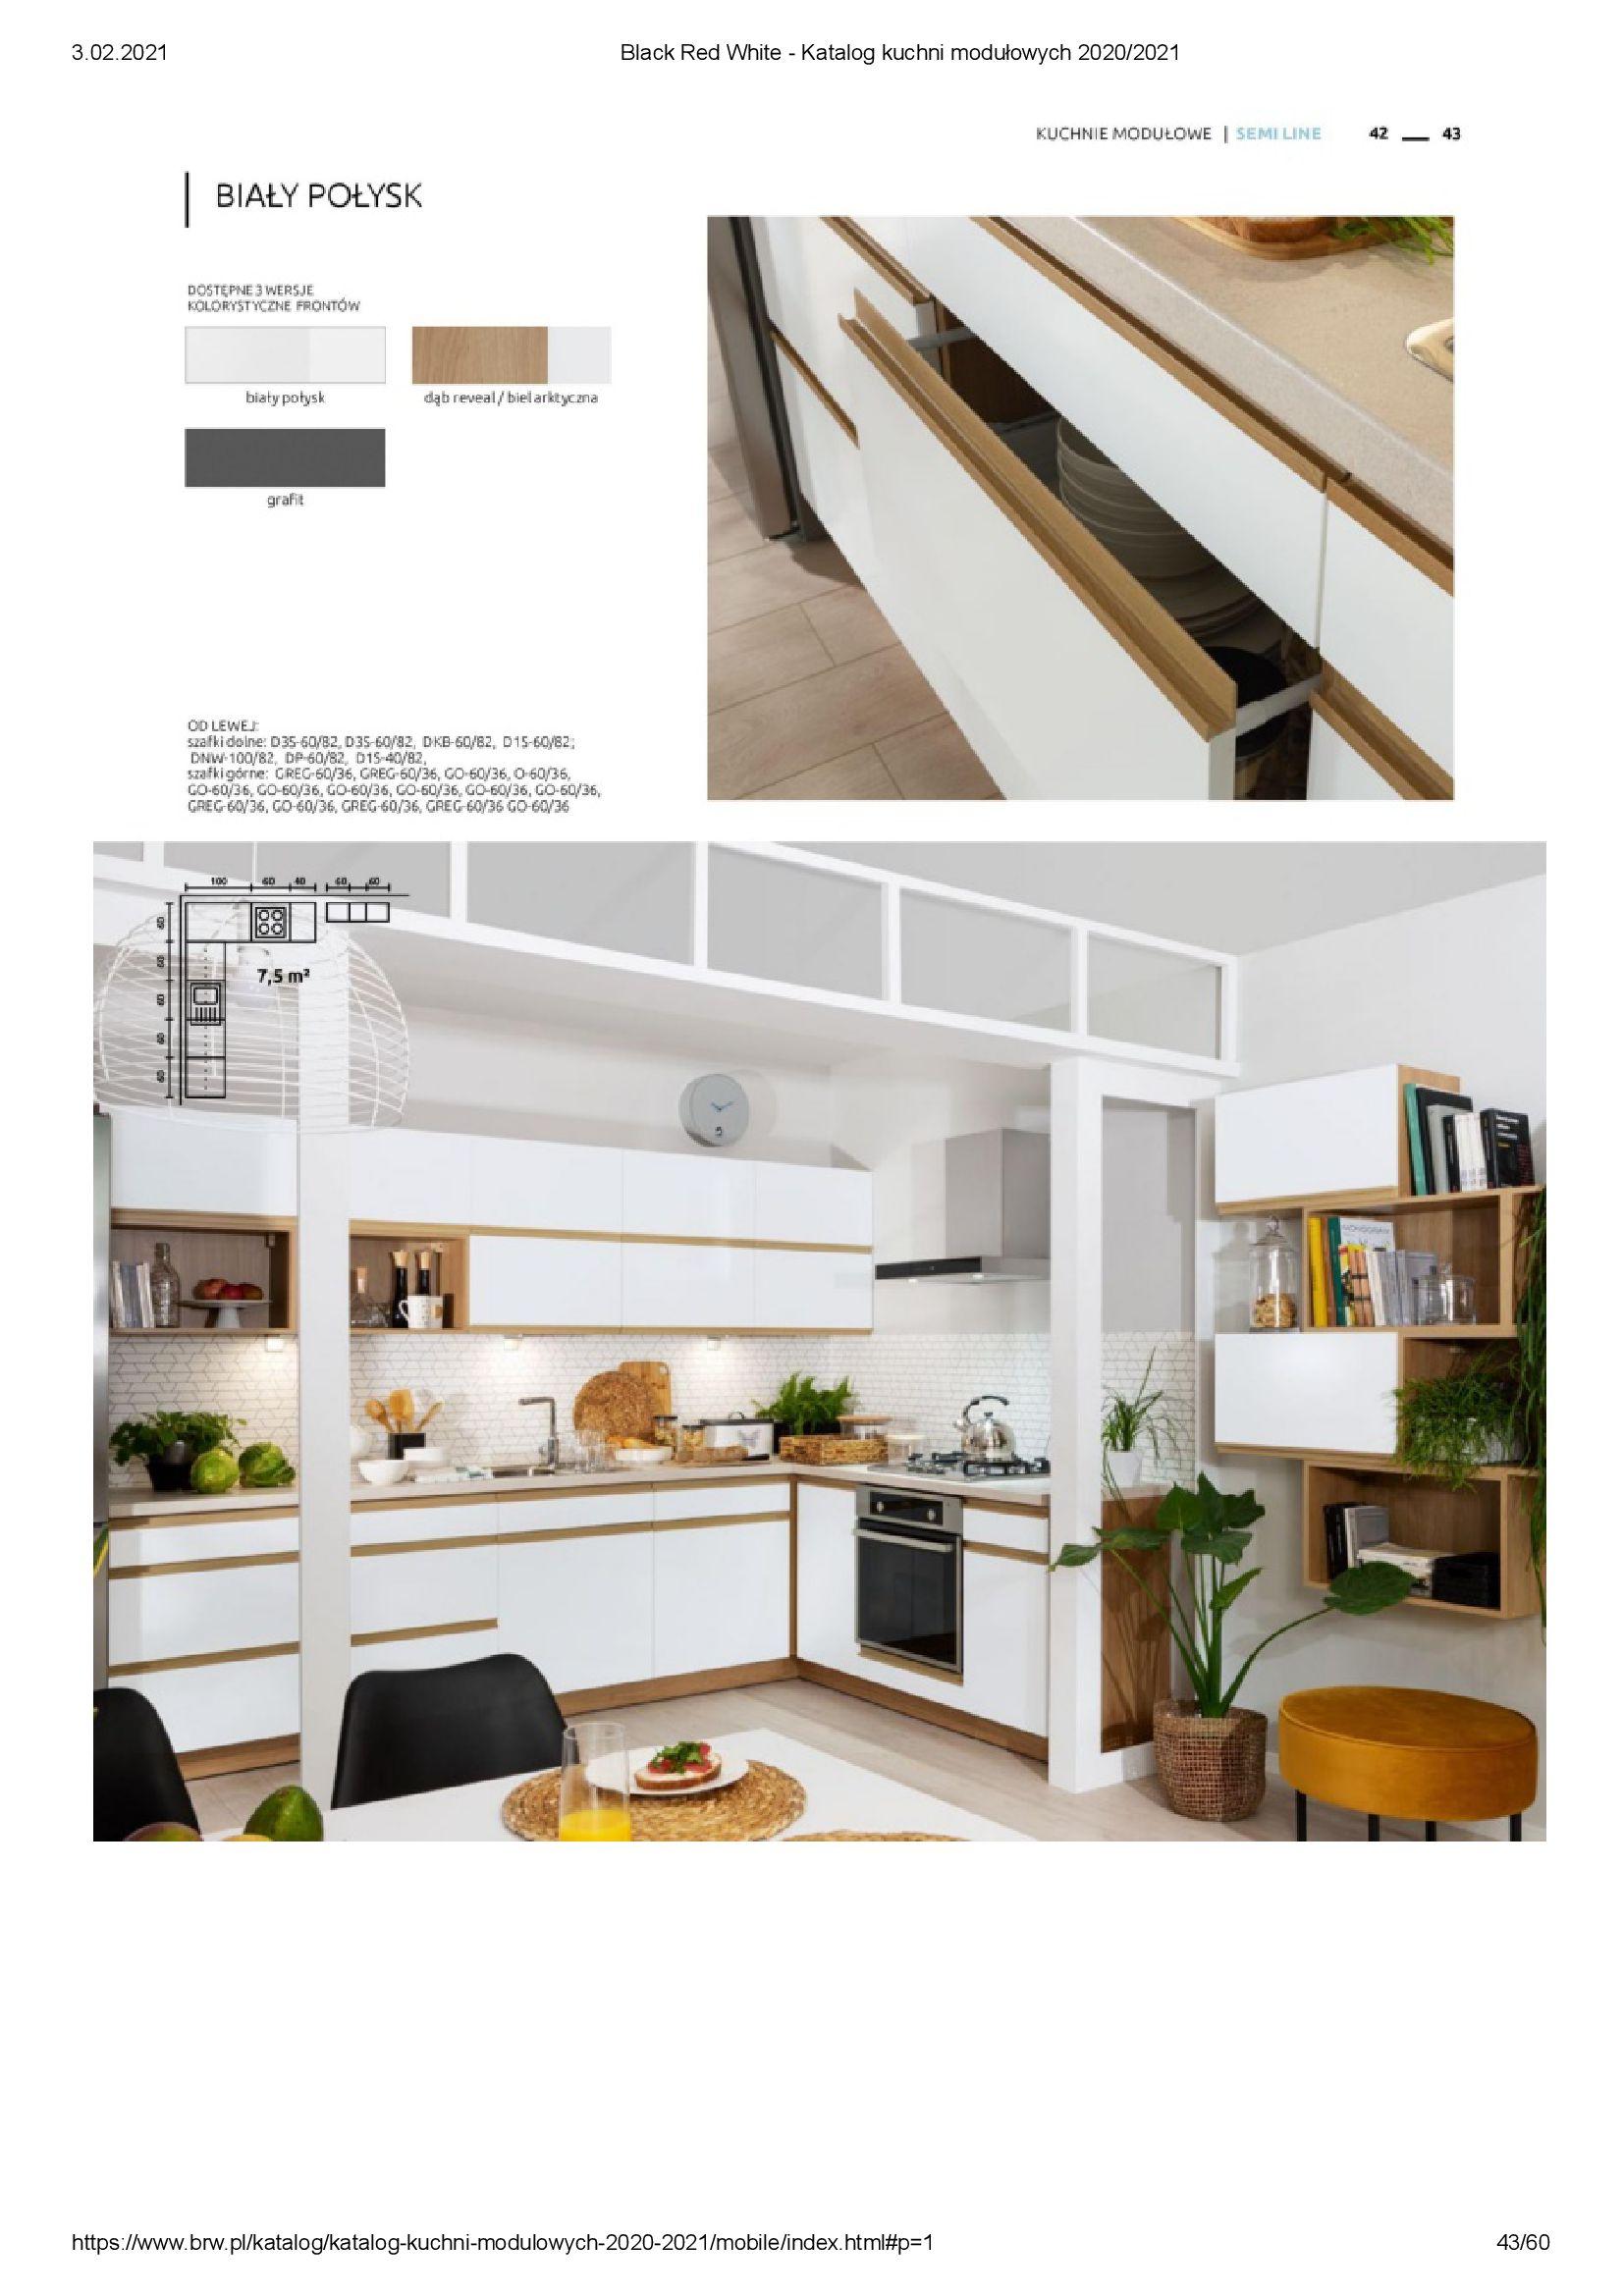 Gazetka Black Red White: Katalog - Kuchnie modułowe 2020/2021 2021-01-01 page-43